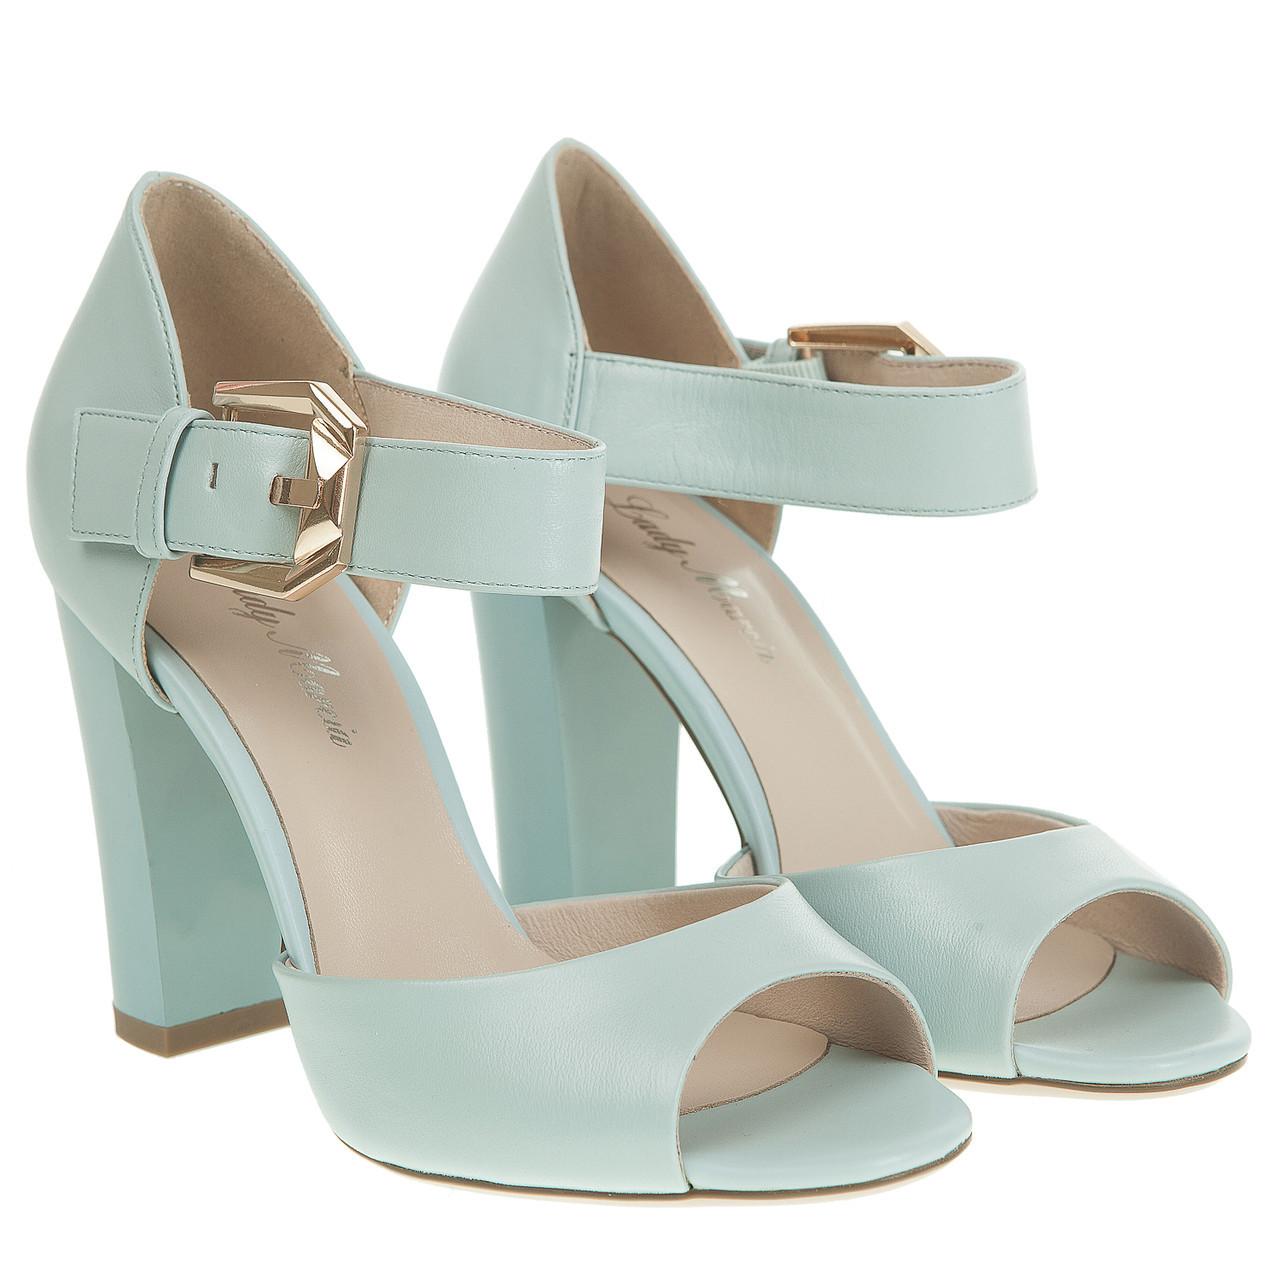 9abab723a0dd Босоножки женские Lady Marcia (голубые, на широком каблуке, кожаные,  удобные, ...